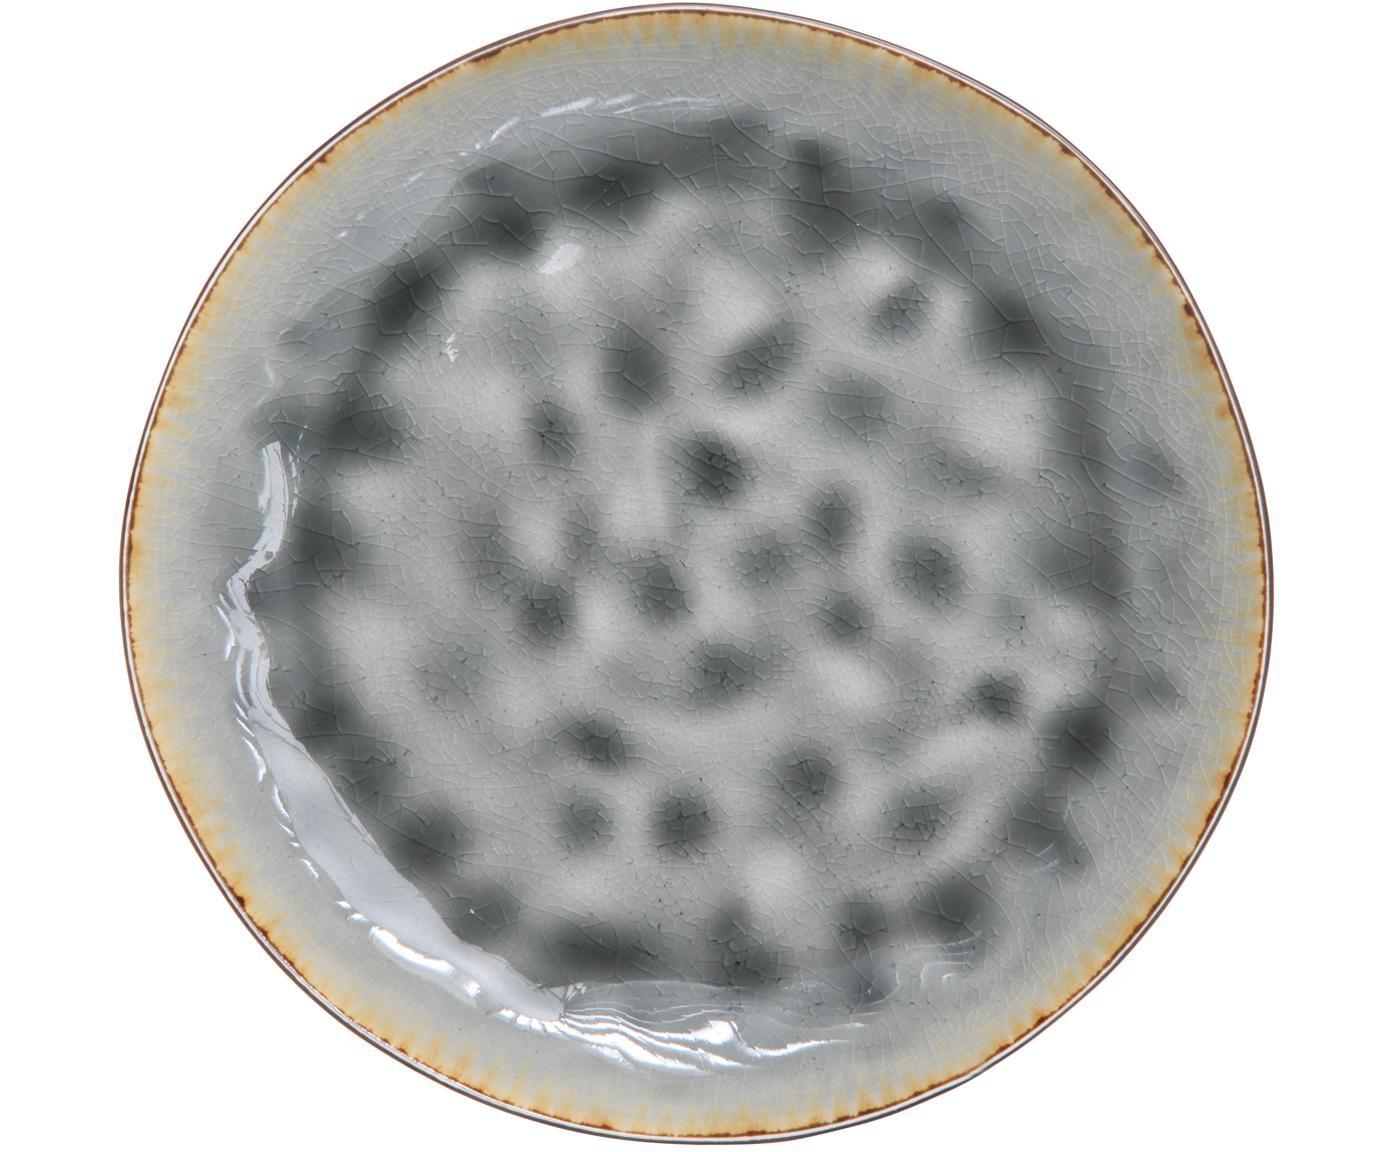 Frühstücksteller Lagune, 6 Stück, Keramik, Graubraun, Grautöne, Ø 20 cm